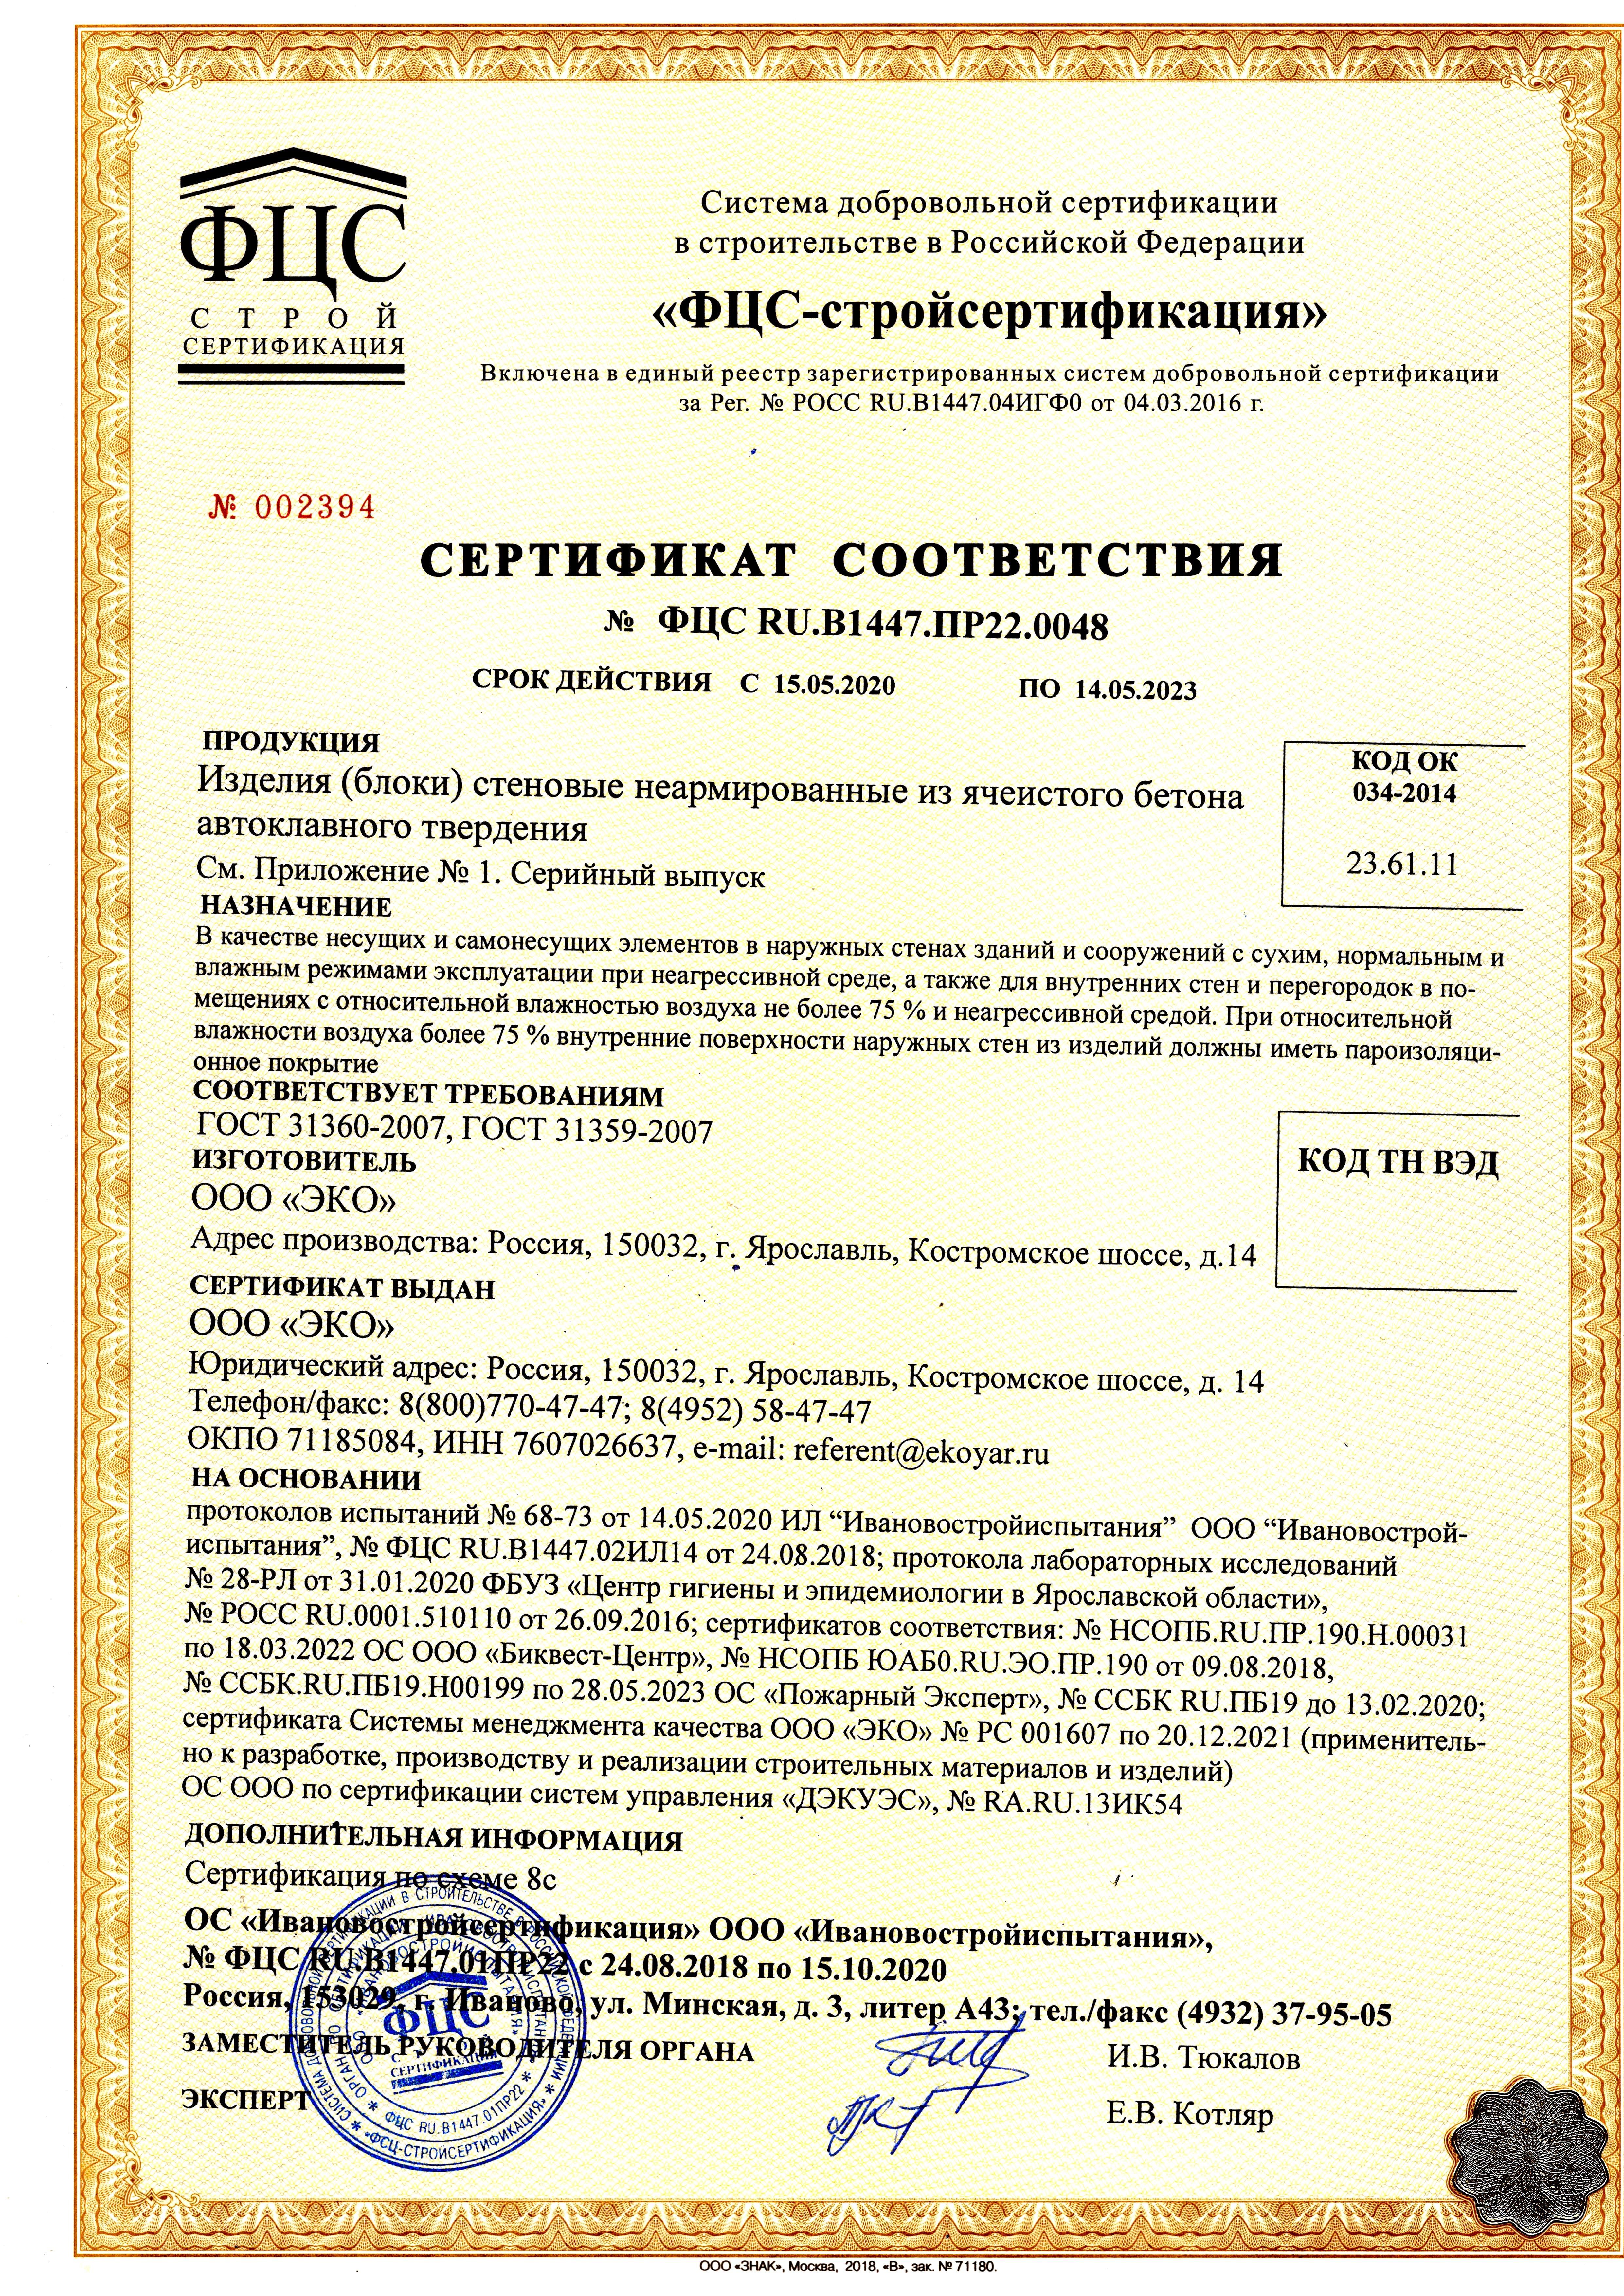 Сертификат соответствия газоблоков ЭКО